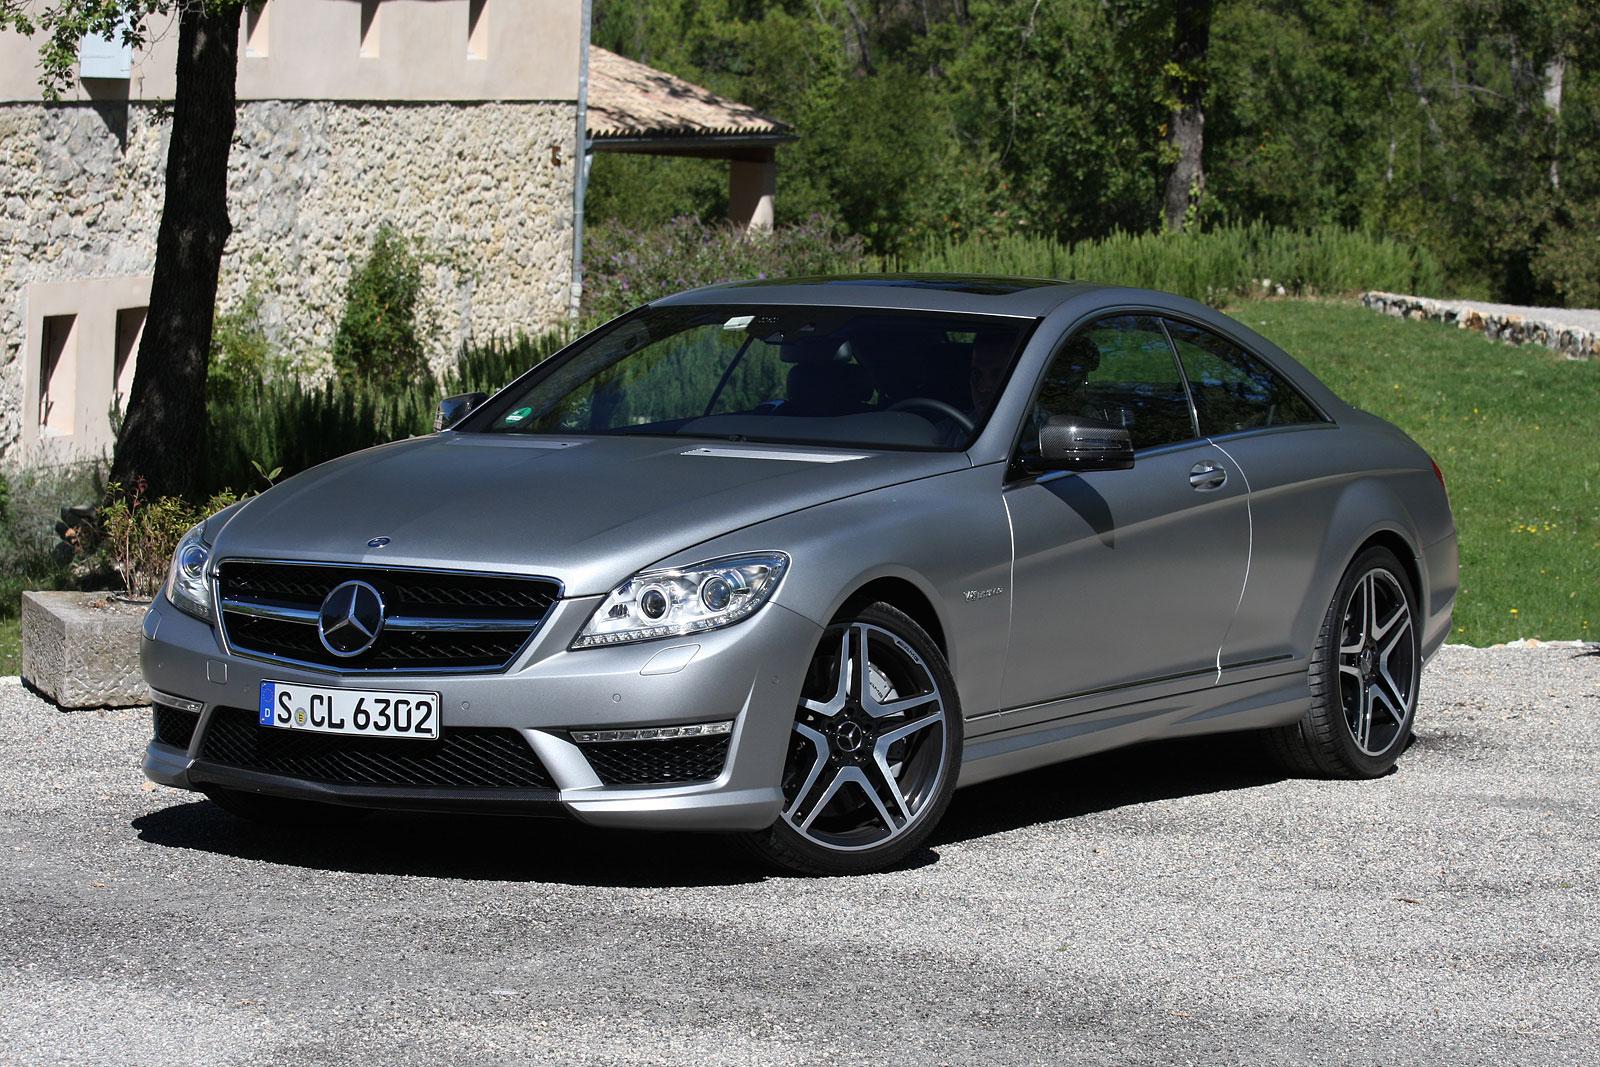 http://1.bp.blogspot.com/-eE0eFD-Pgz4/TrEbvyBnGEI/AAAAAAAAFbw/vn4CW9k1oIA/s1600/Mercedes+CL63+AMG+2.jpg